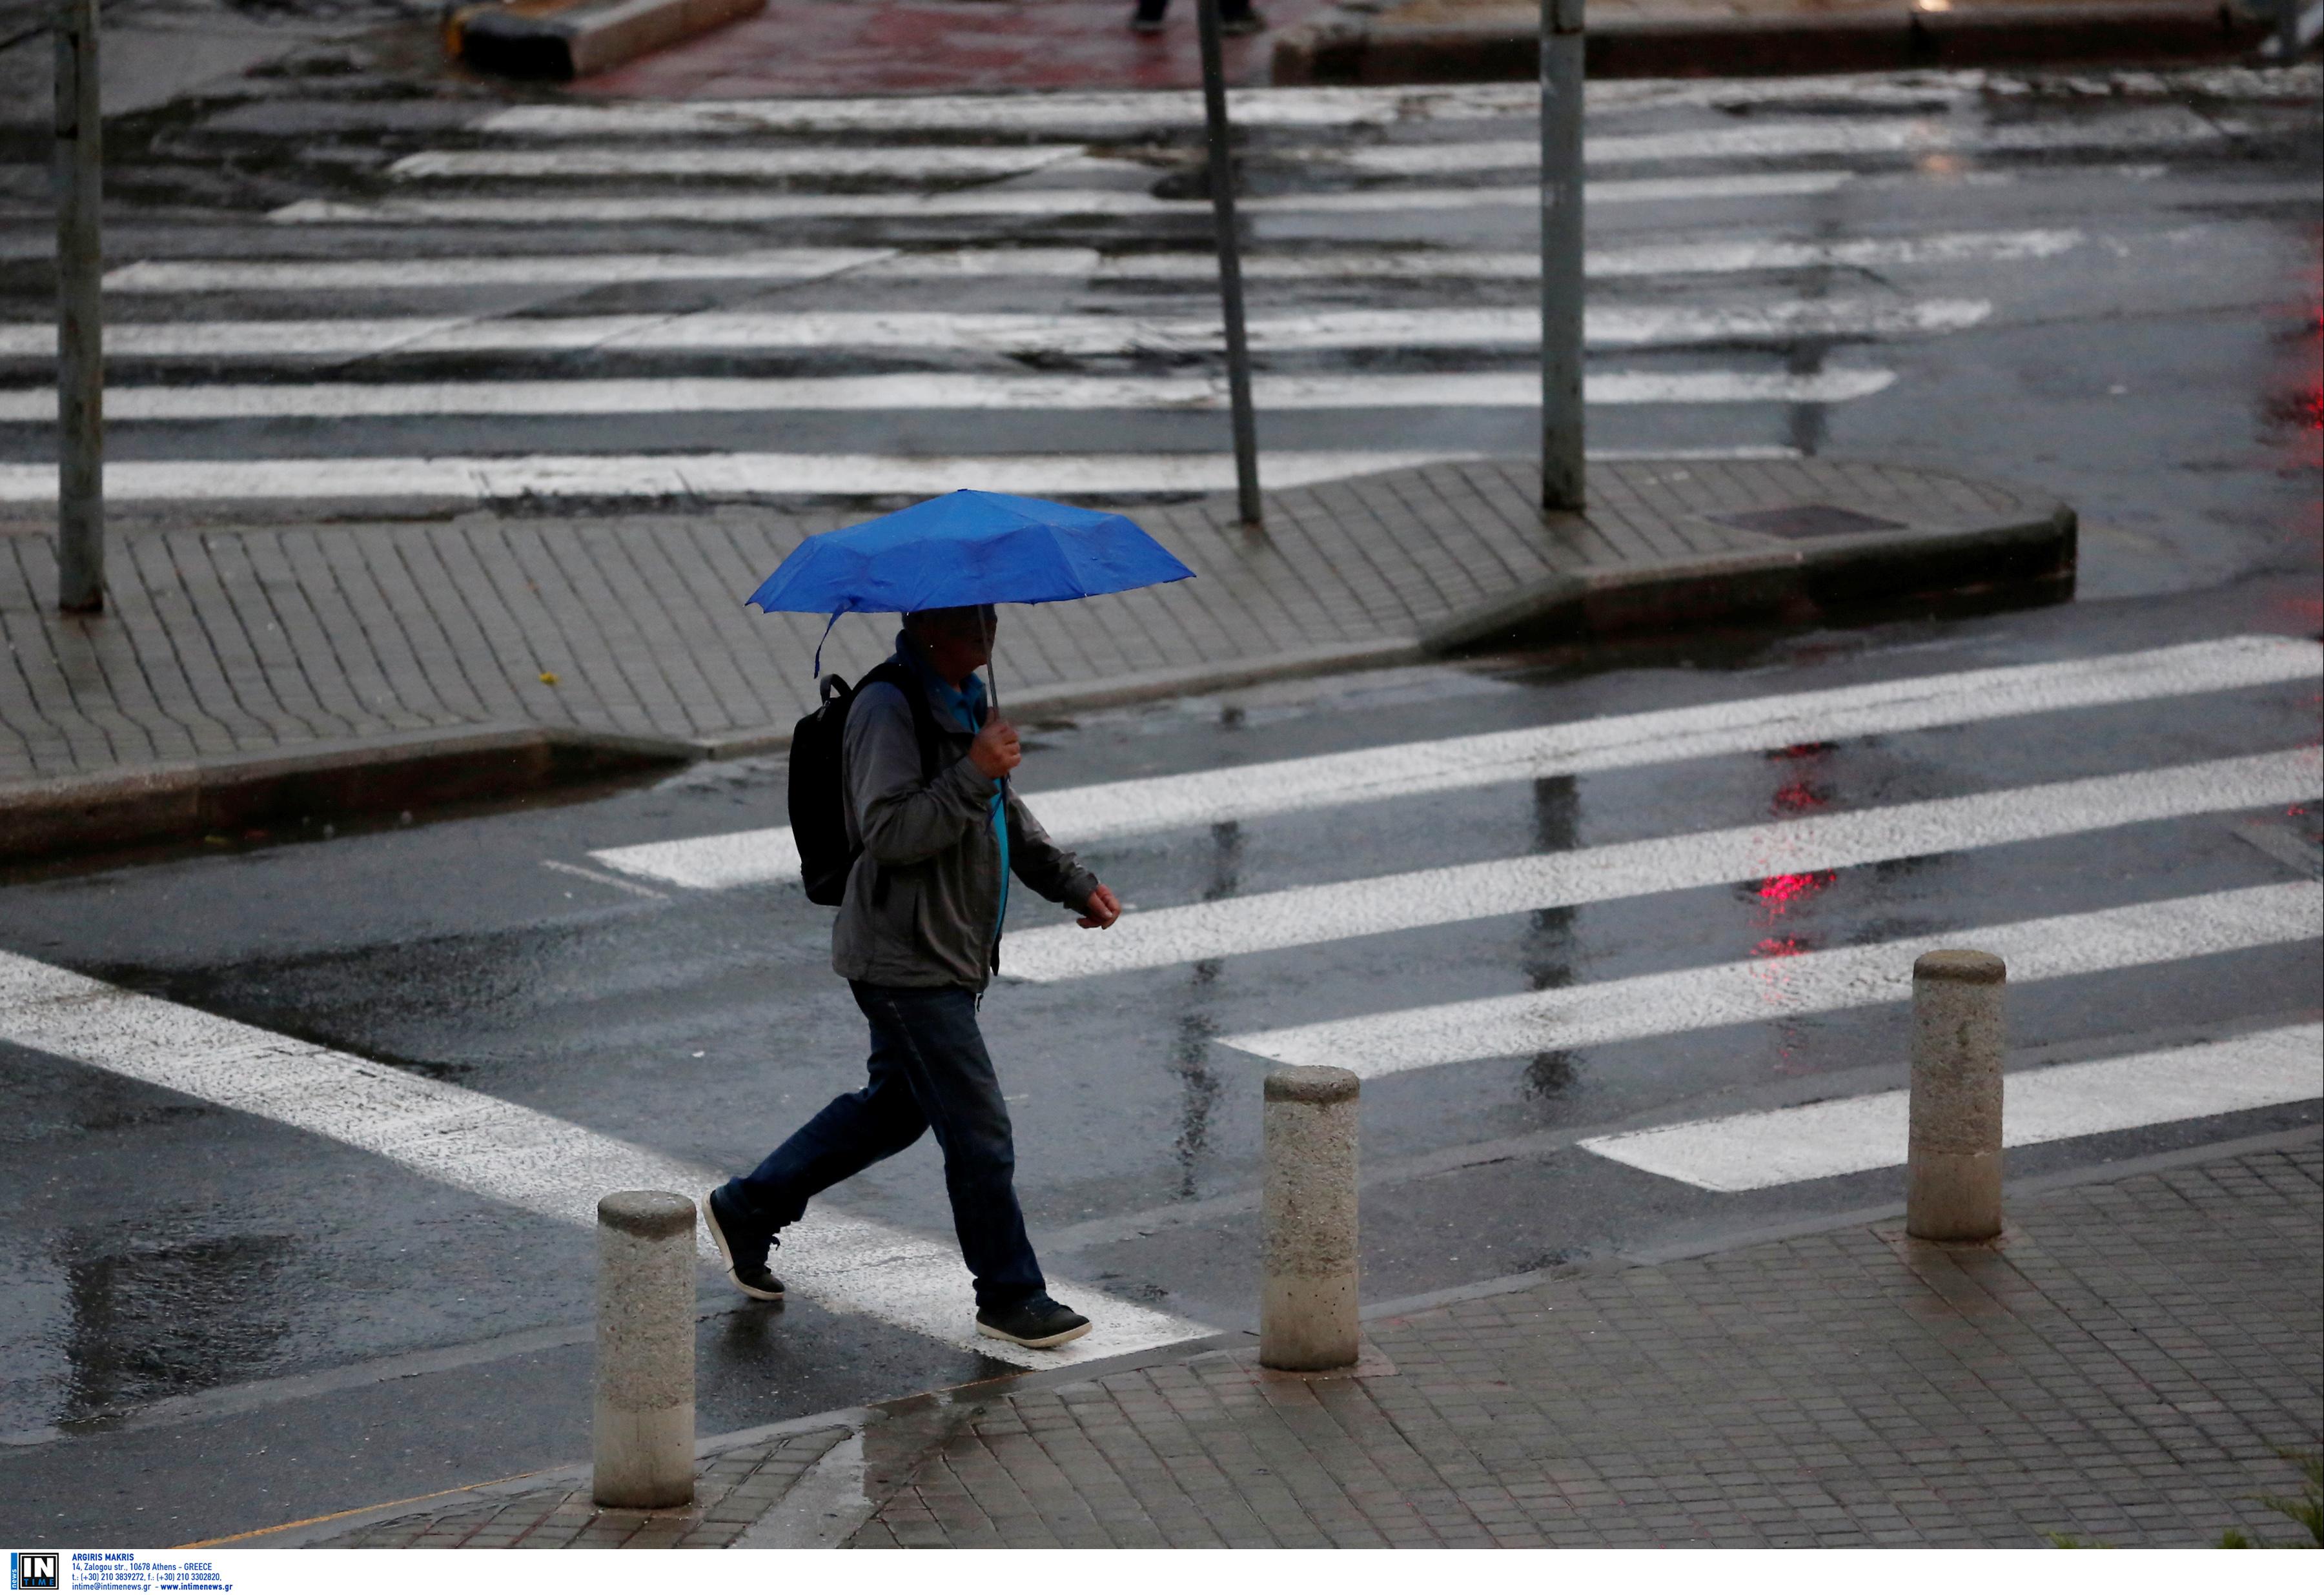 Καιρός αύριο: Τοπικές βροχές και μικρή άνοδος της θερμοκρασίας